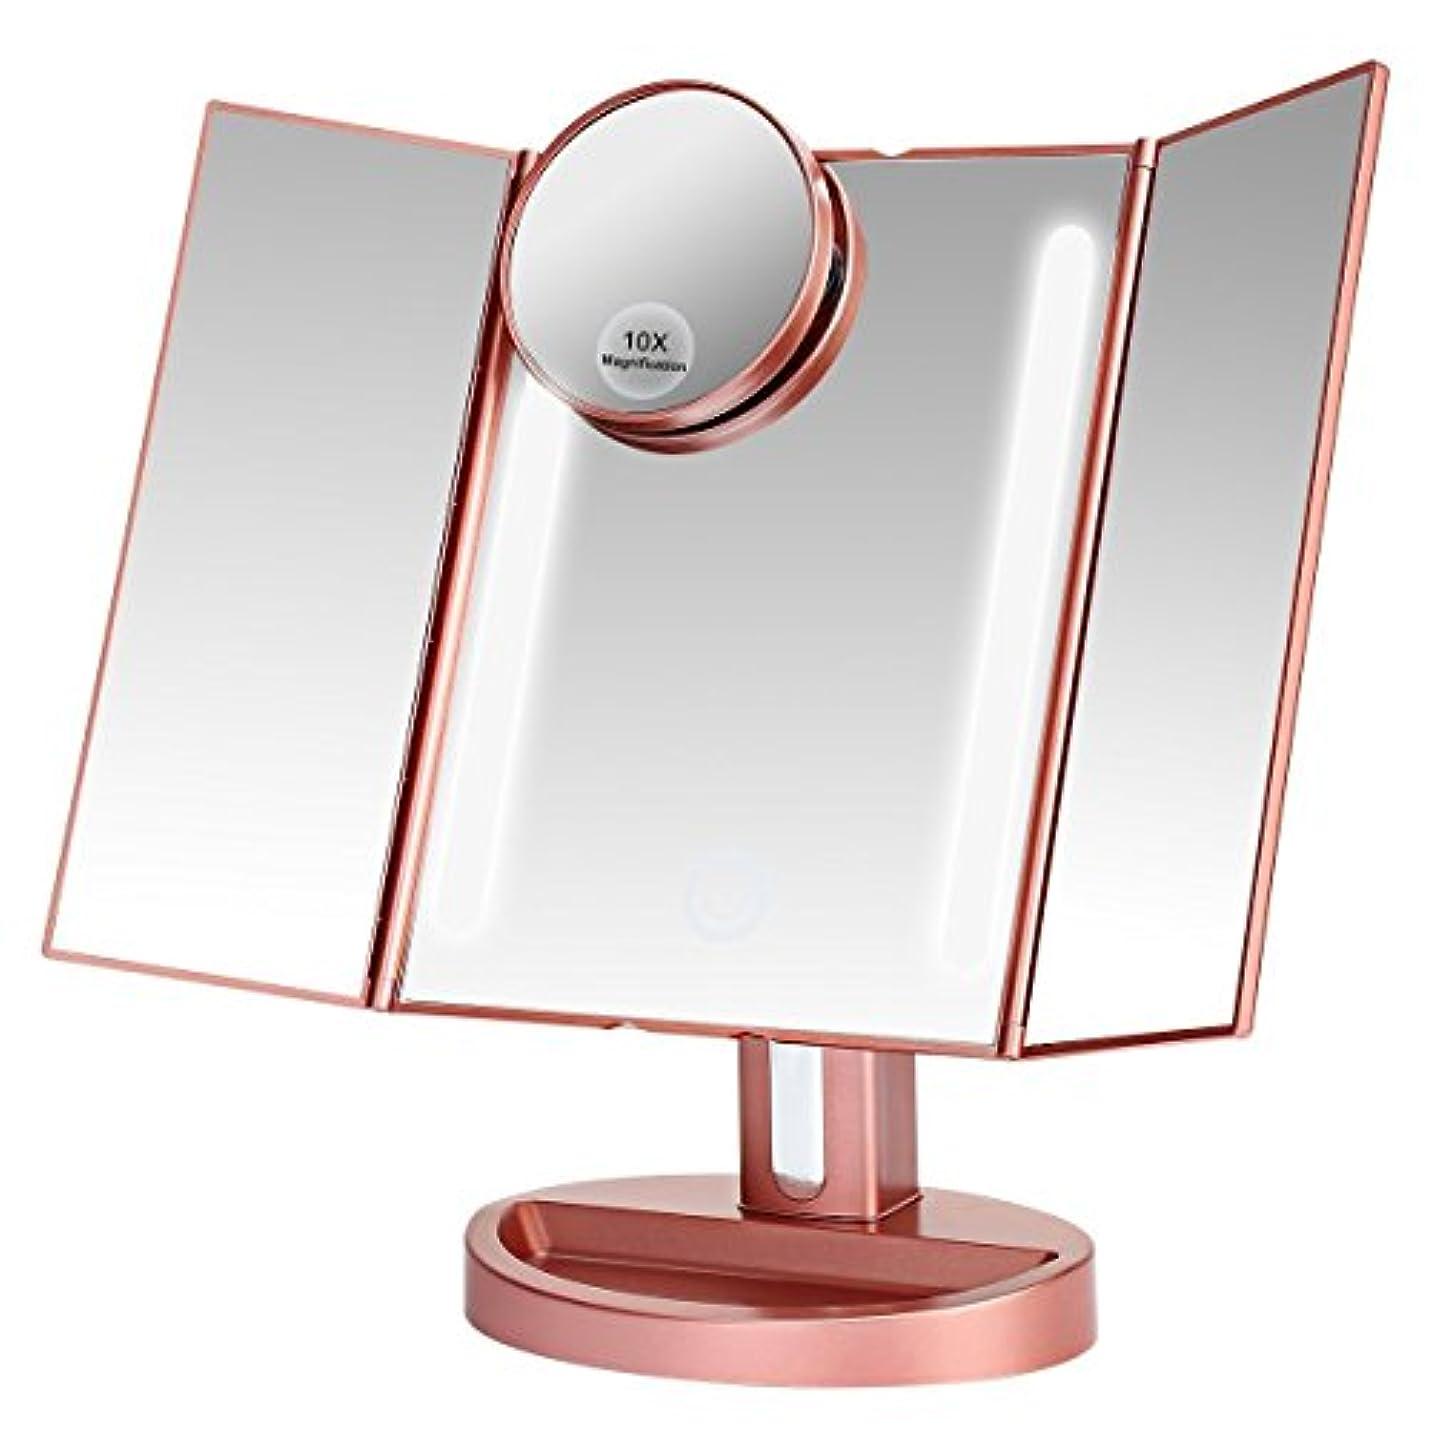 分解する自発的劇作家LEEPWEI 化粧鏡  LED三面鏡 折りたたみ式 10倍拡大鏡付き 明るさ調節 180度回転